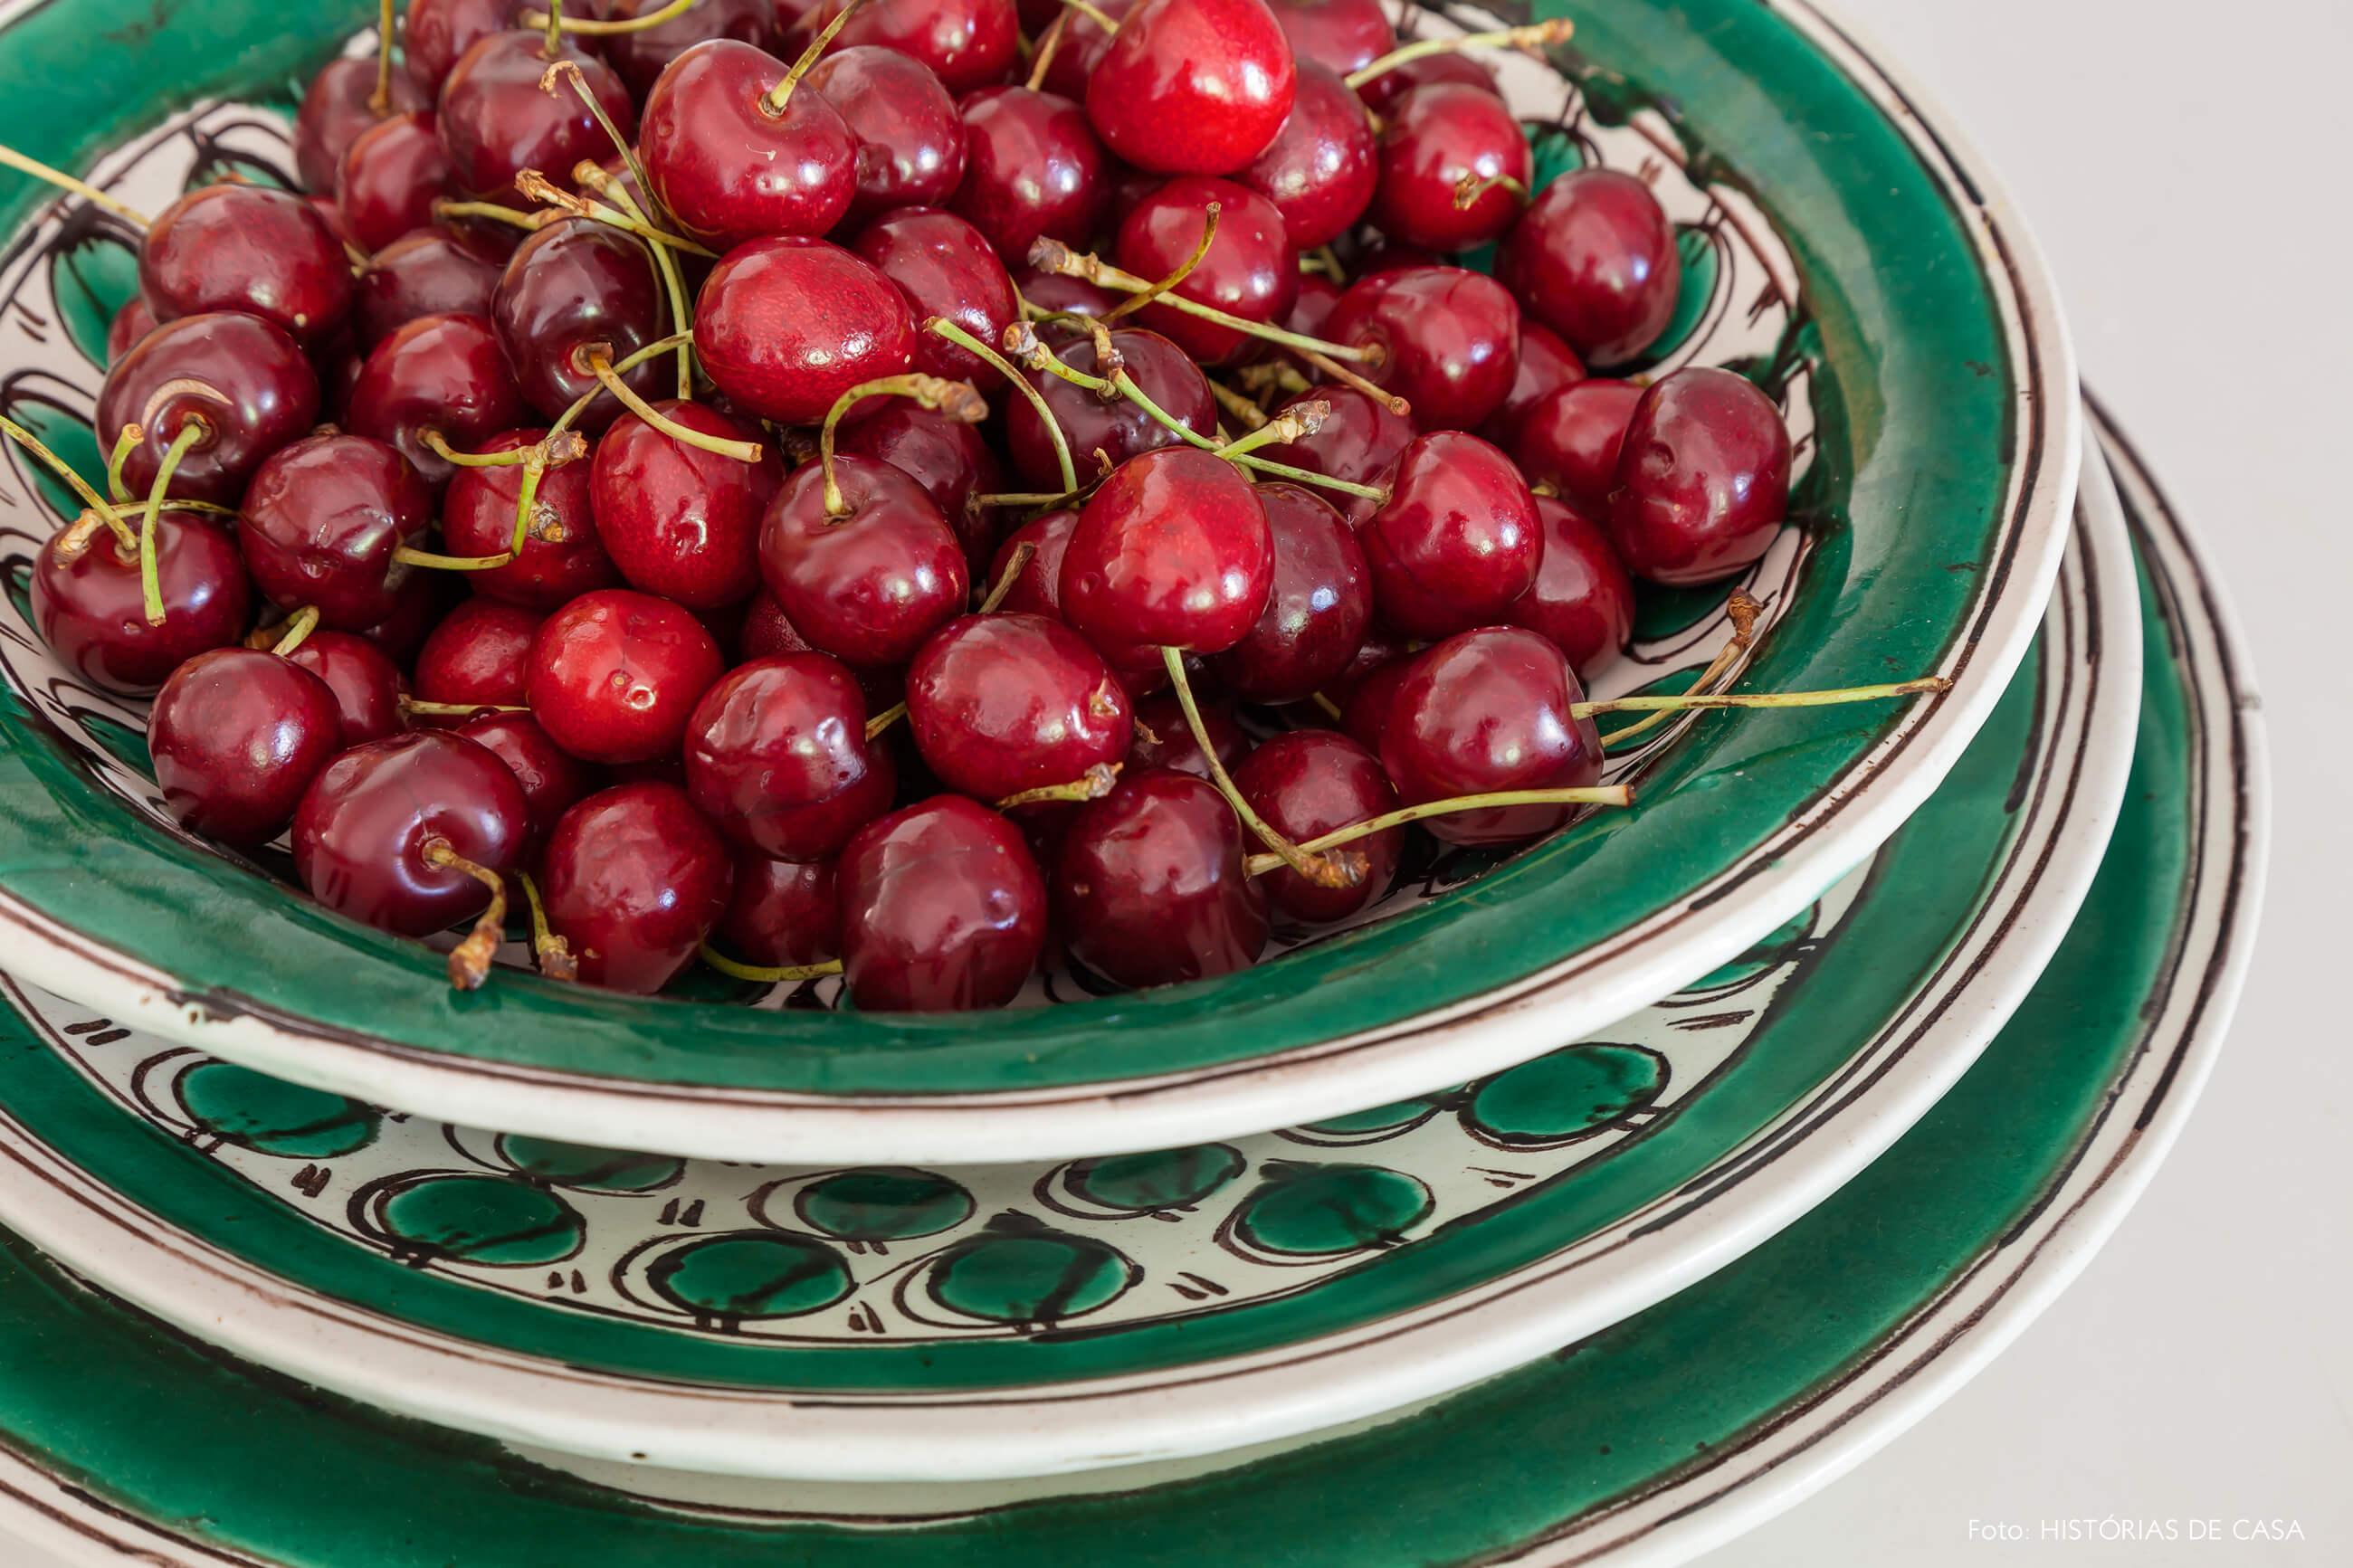 detalhe da decoração de prato verde e cerejas